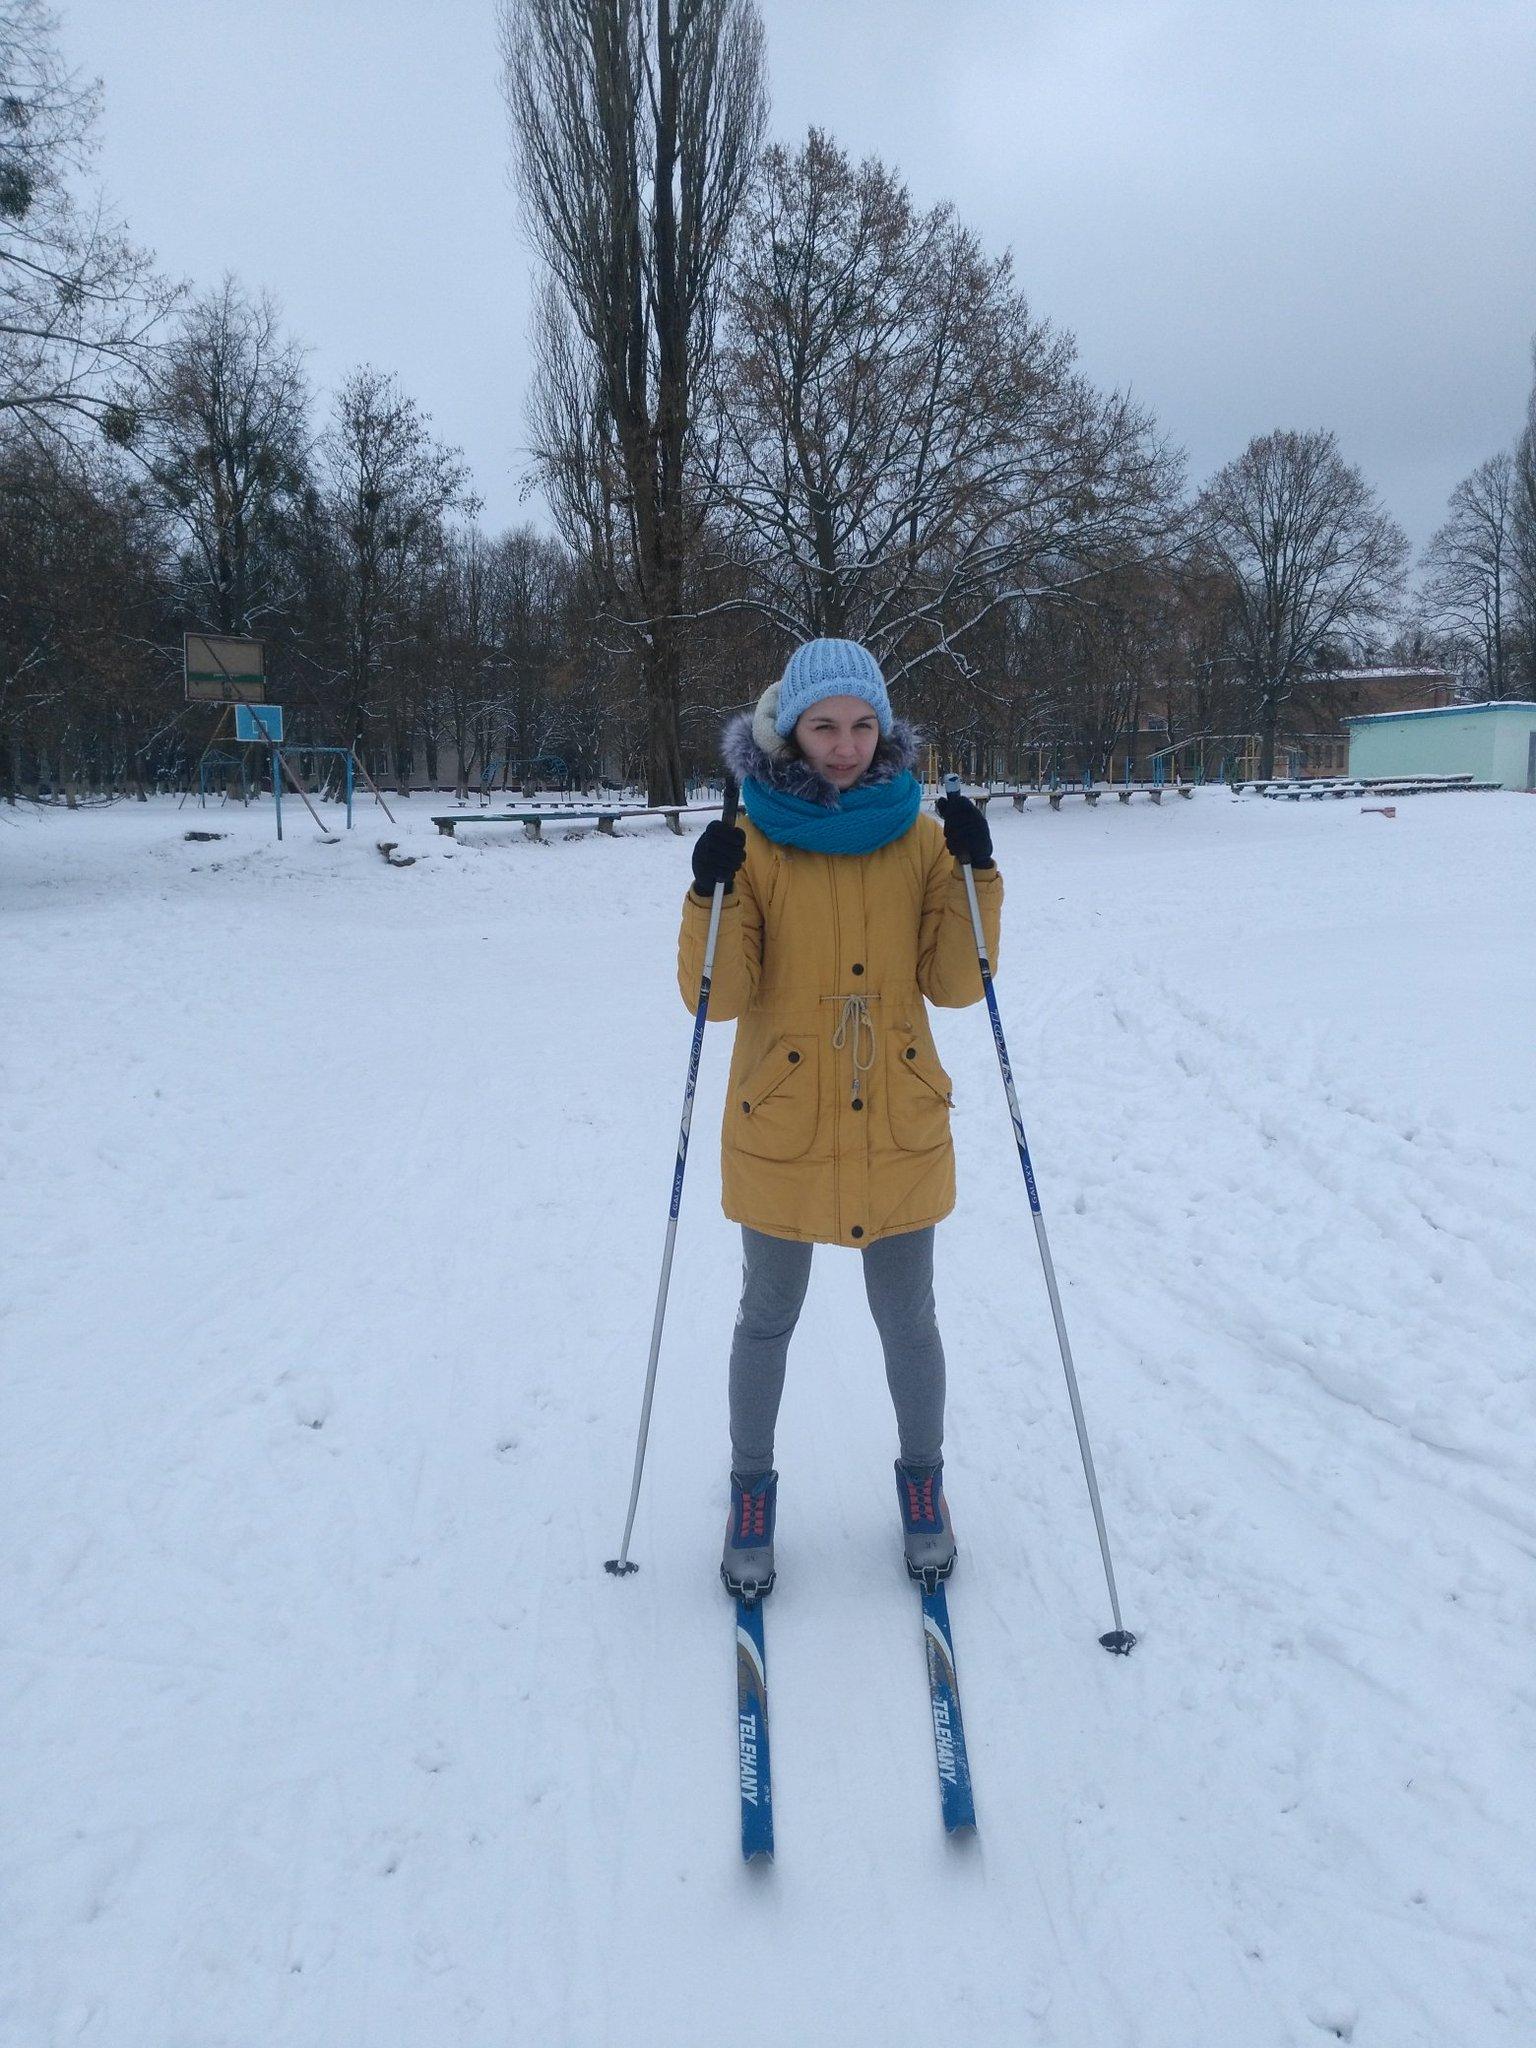 же, наши картинка физрук сказал лыжи значит лыжи это касается